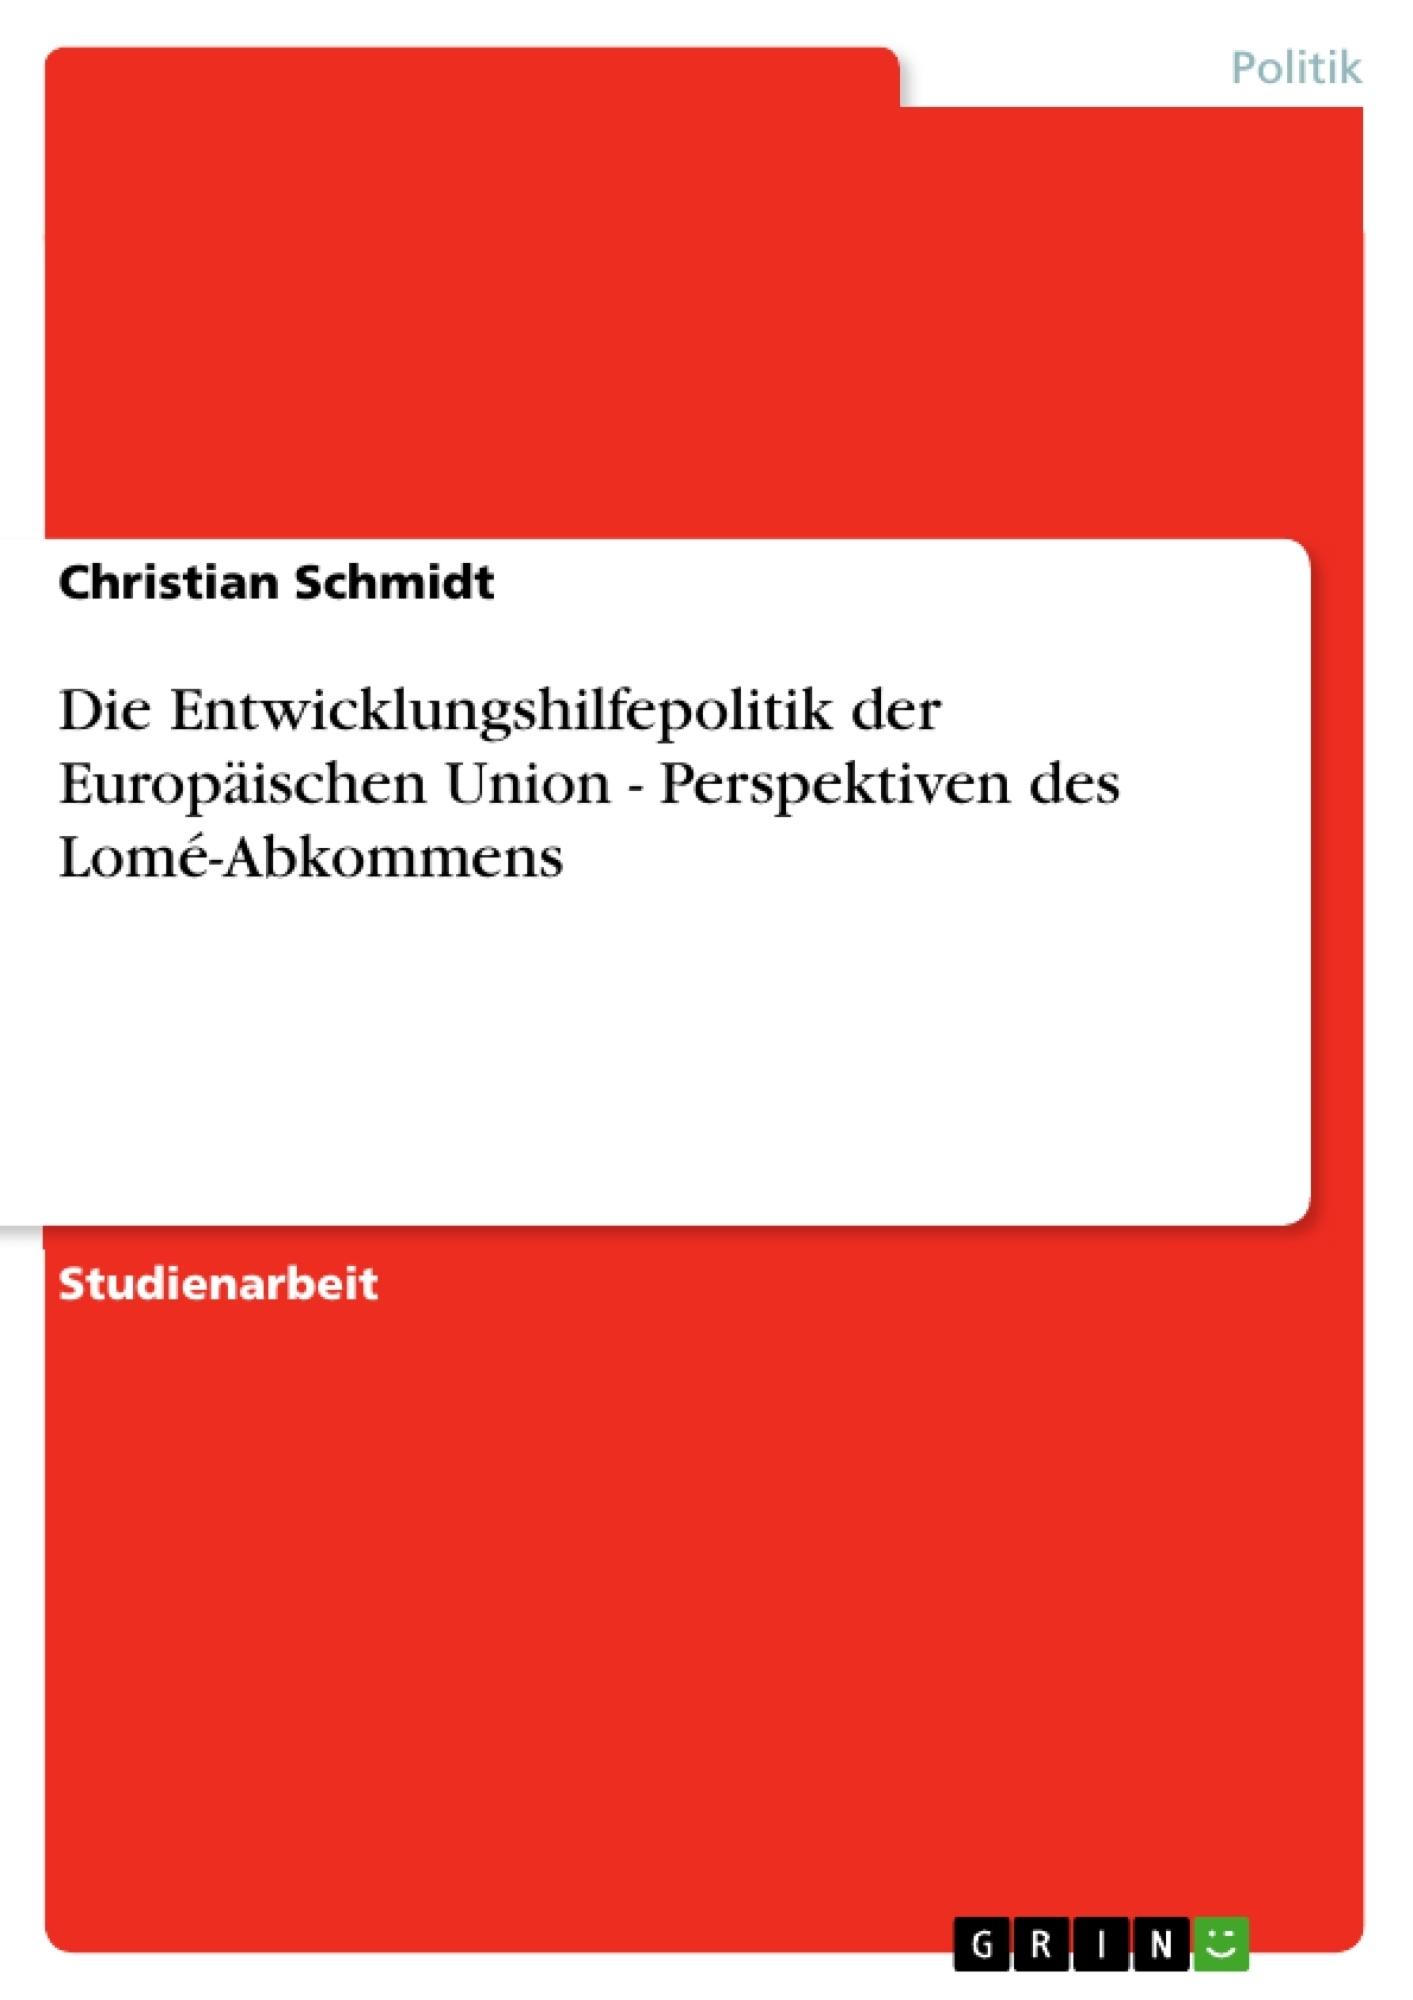 Titel: Die Entwicklungshilfepolitik der Europäischen Union - Perspektiven des Lomé-Abkommens